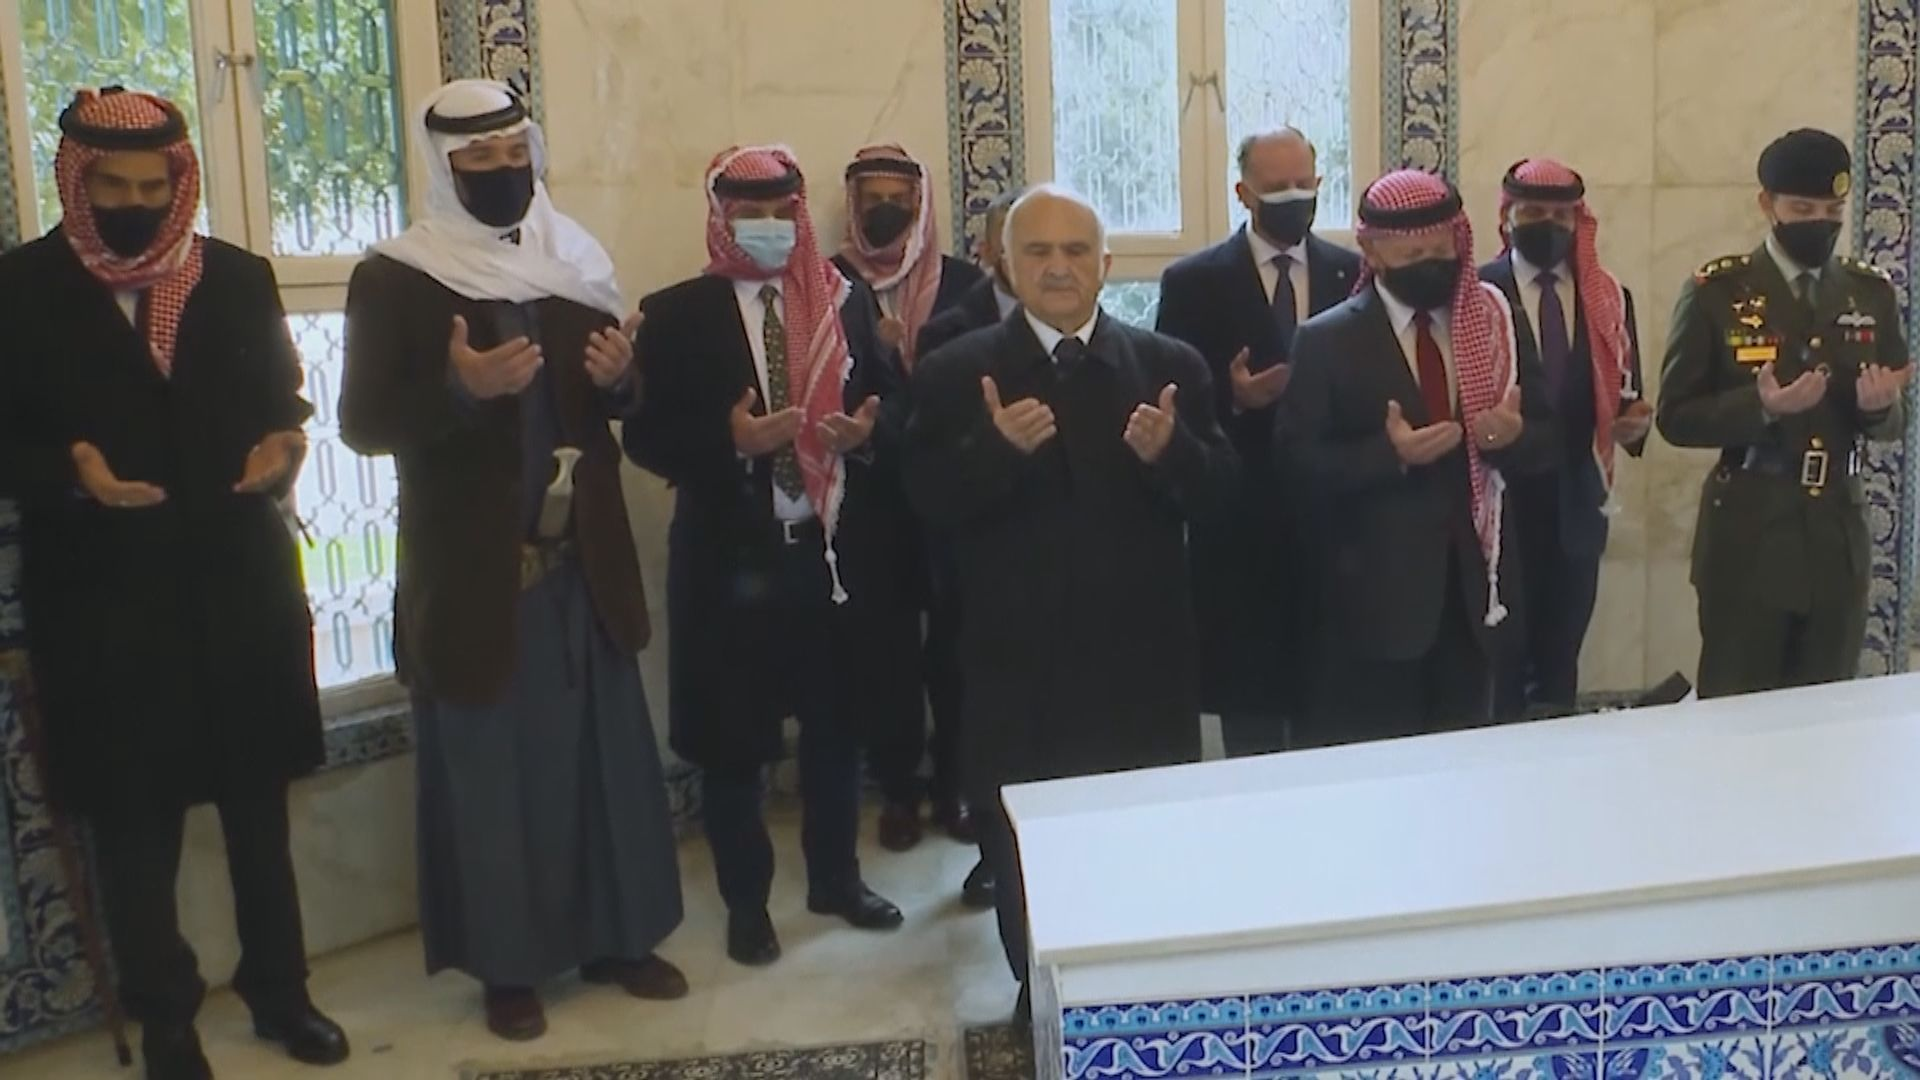 約旦王室風波後國王及前王儲首度共同露面